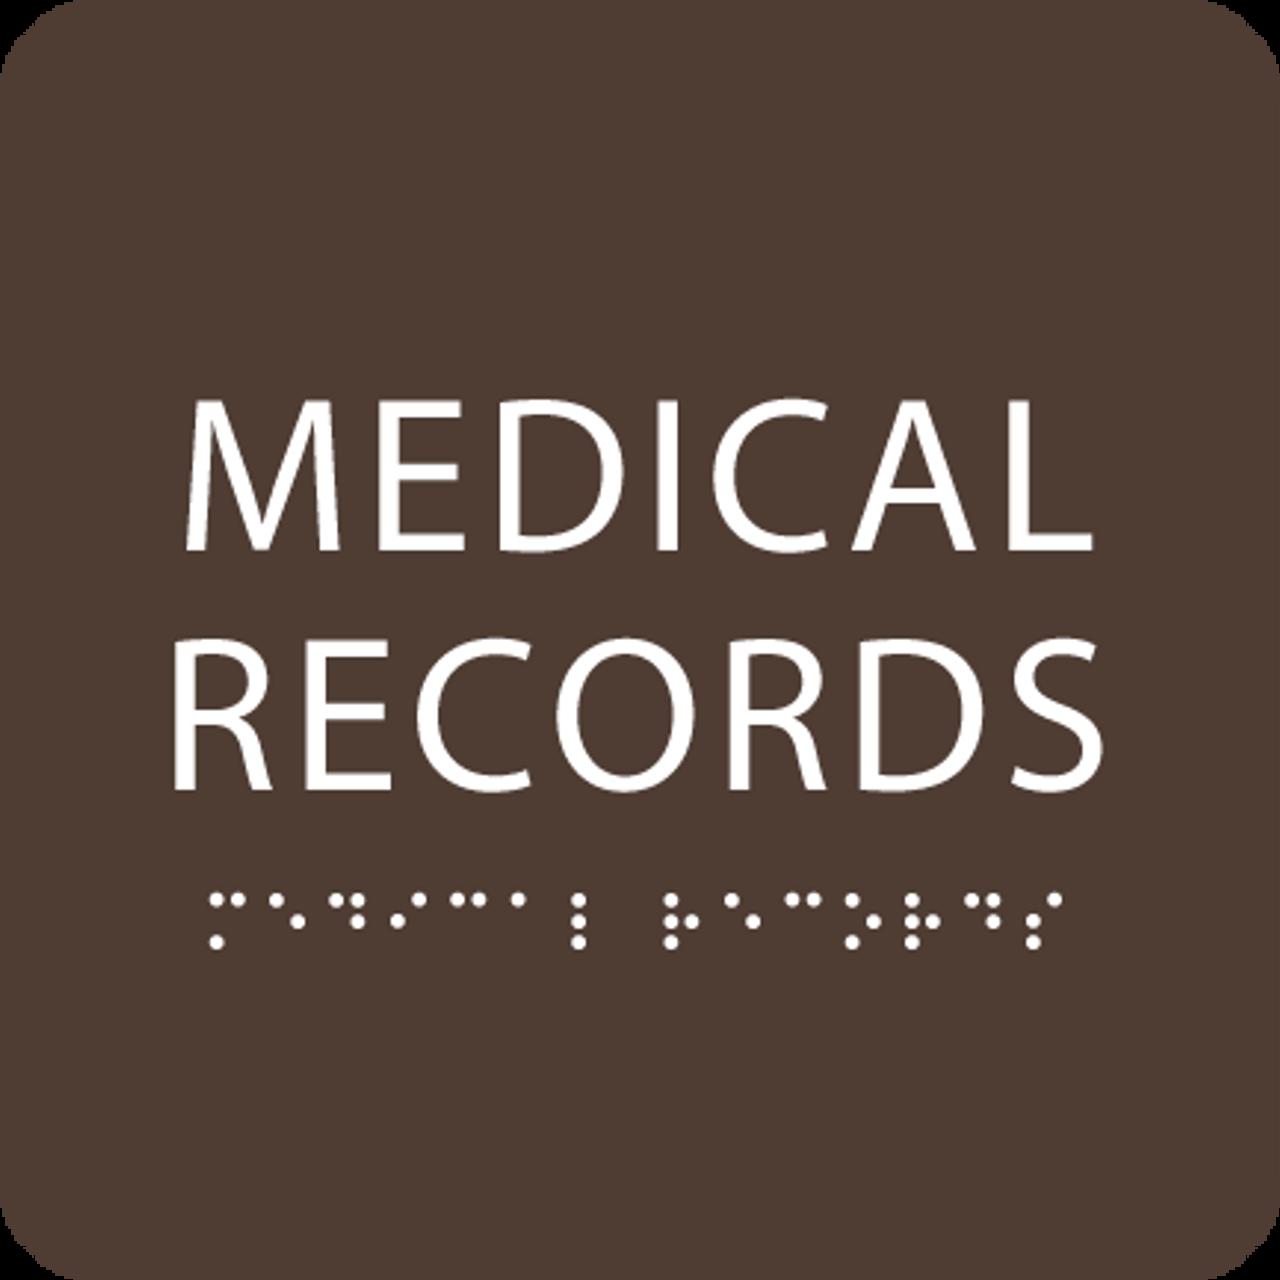 Dark Brown Medical Records ADA Sign